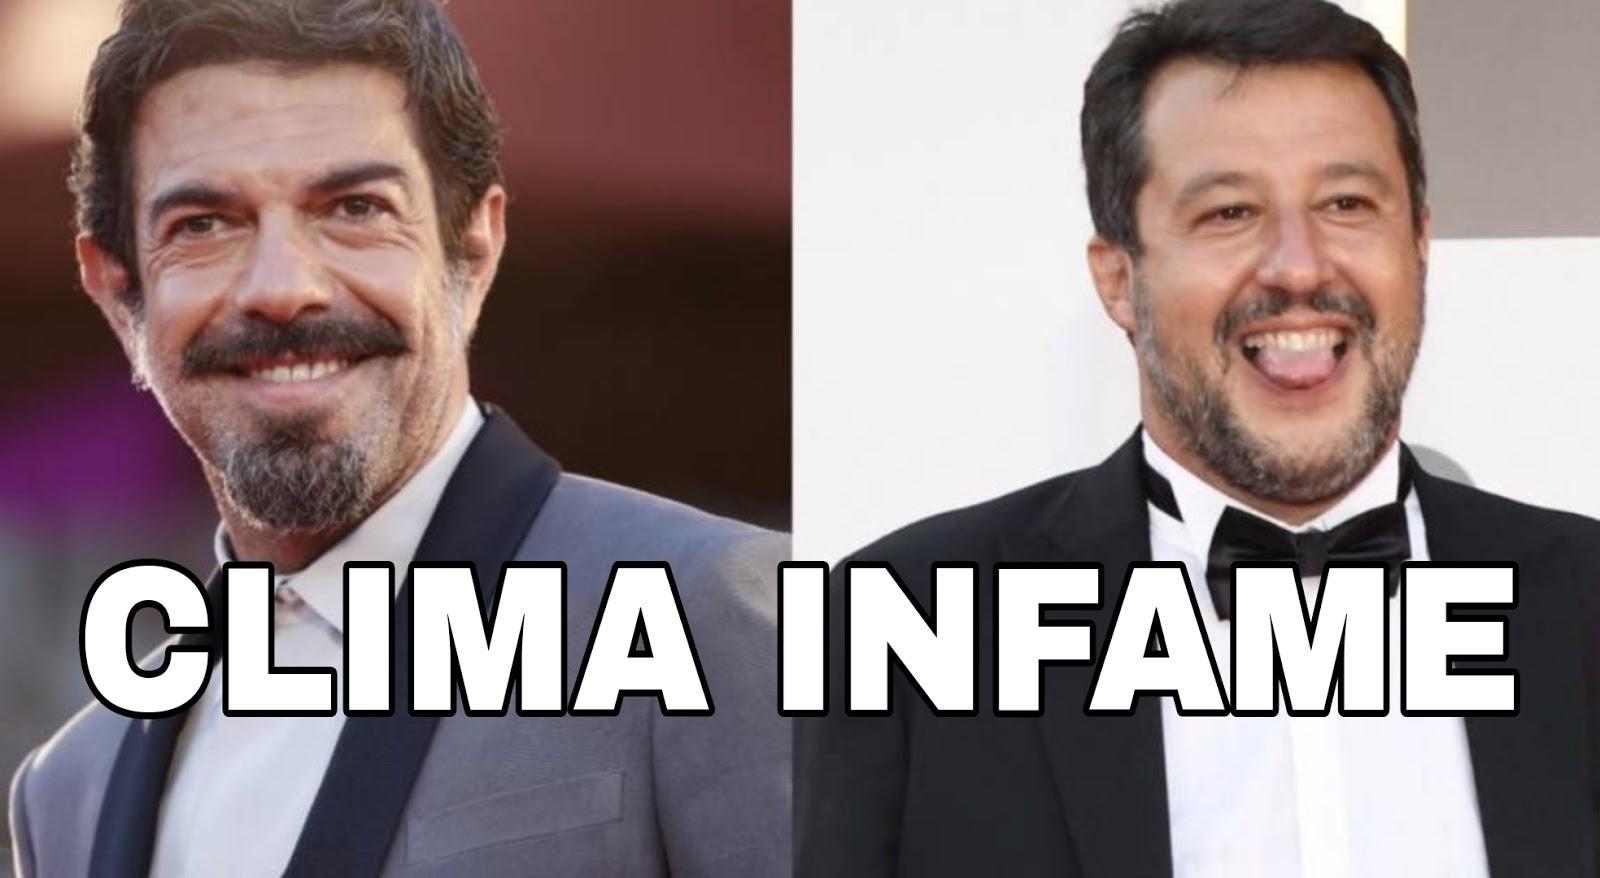 Favino attacca Salvini: È venuto a fare propaganda, nessuno lo ha invitato. Cosa ne pensate?